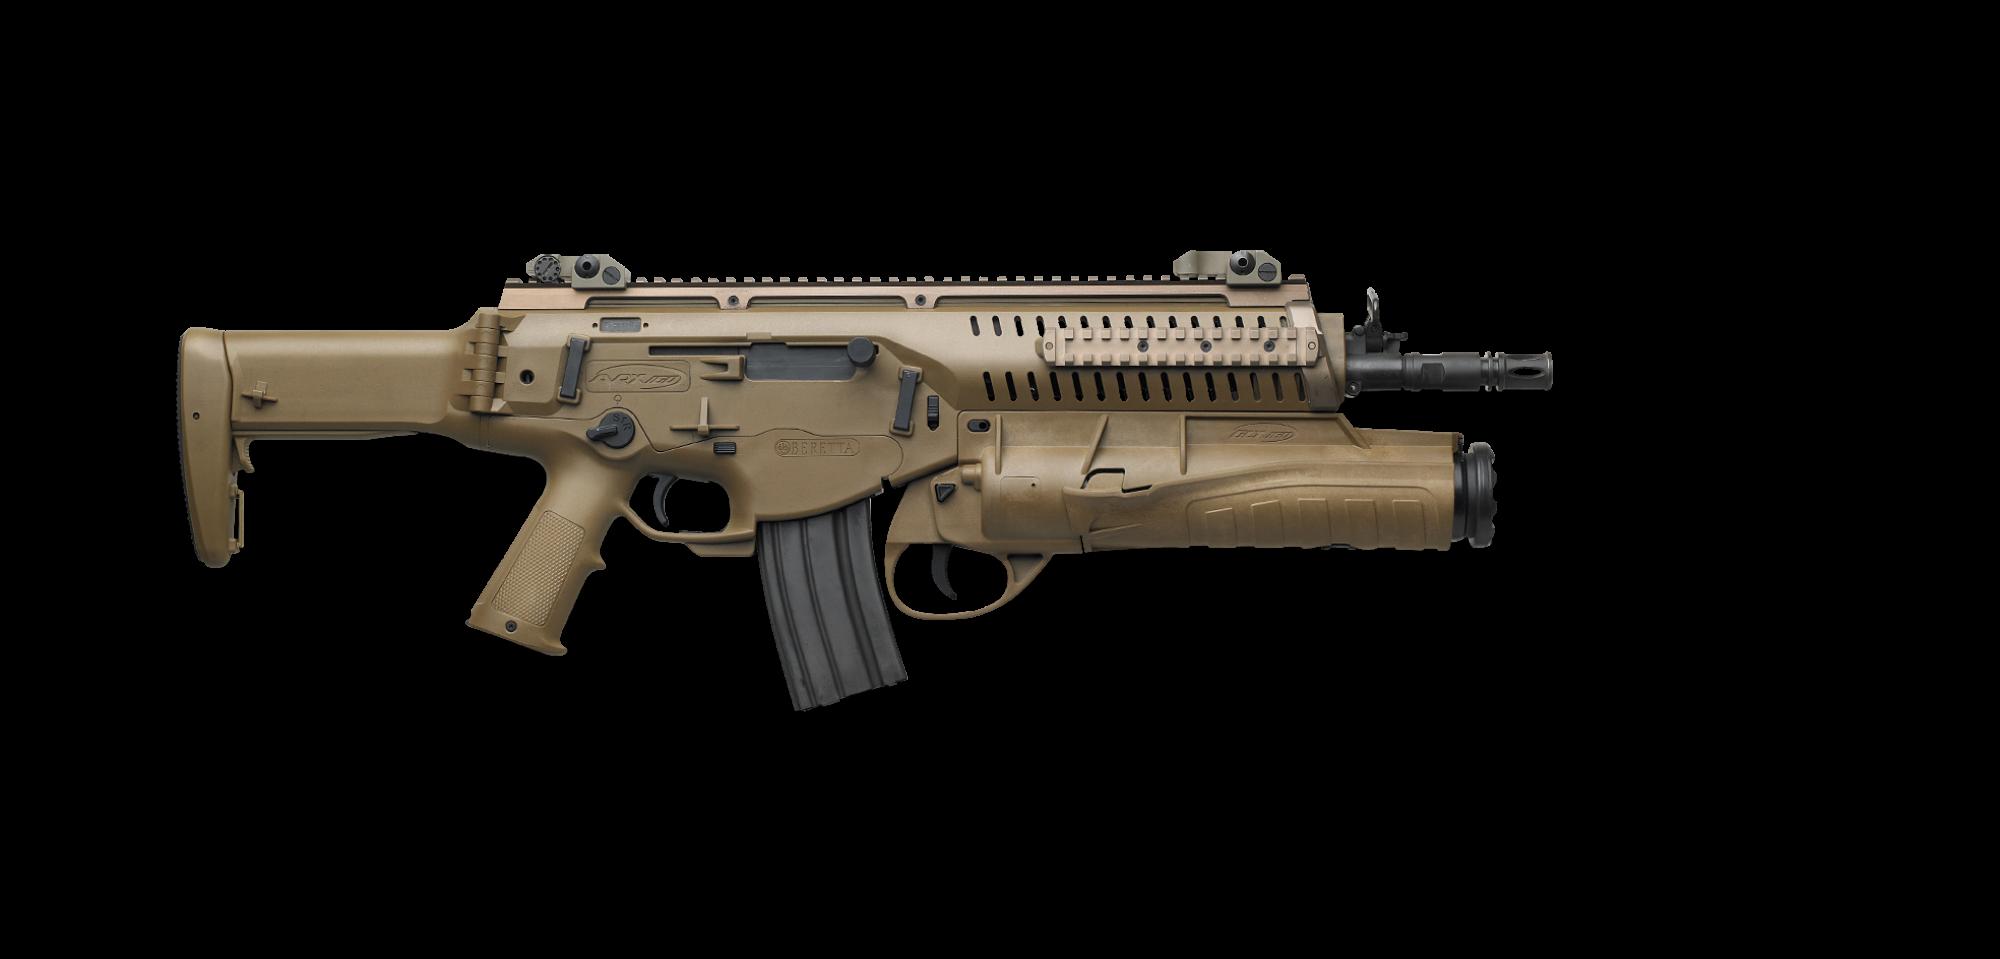 Beretta arx160 - beretta arx160 - qwe.wiki